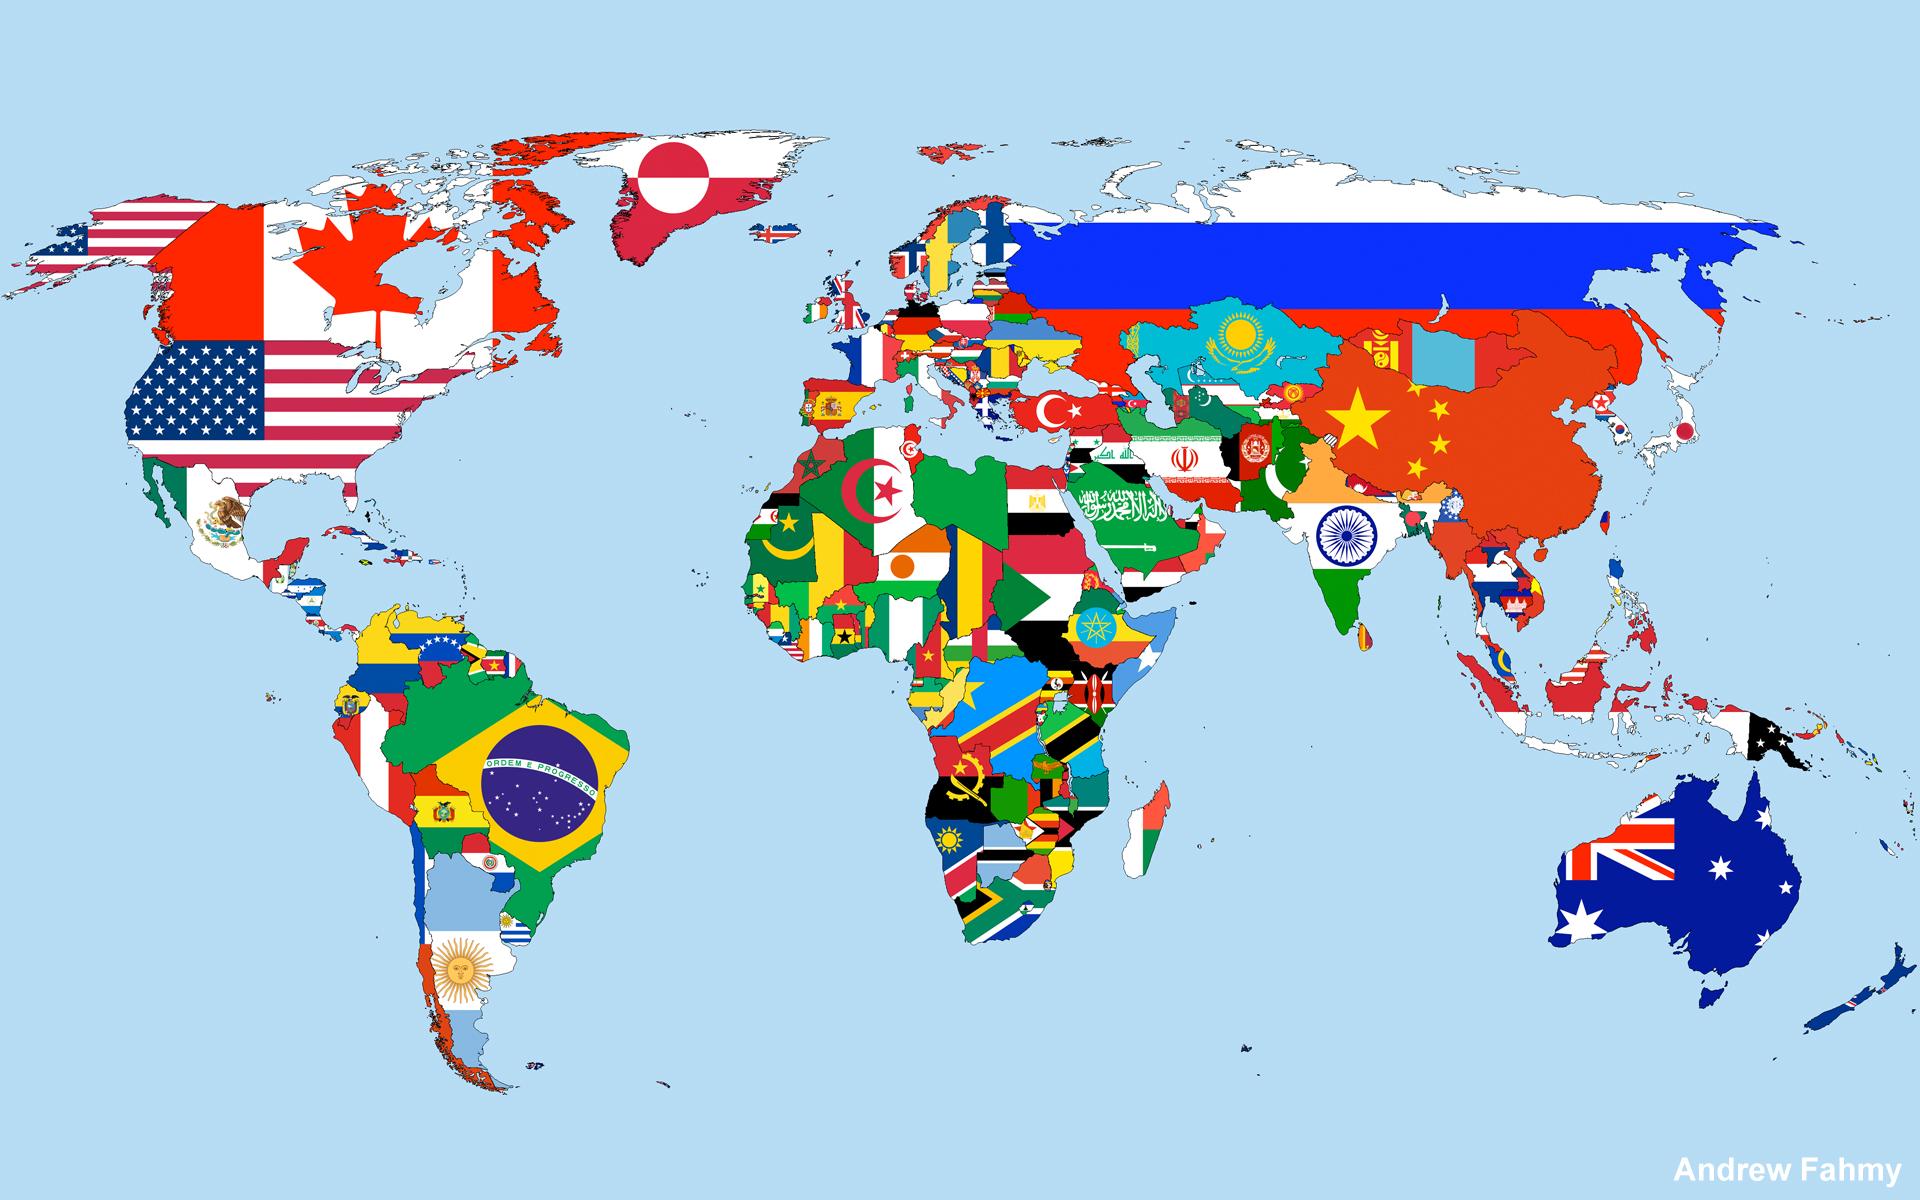 Сертификат происхождения товара — документ, однозначно свидетельствующий о стране происхождения товара и выданный органом государства — экспортера, уполномоченным в соответствии с национальным законодательством